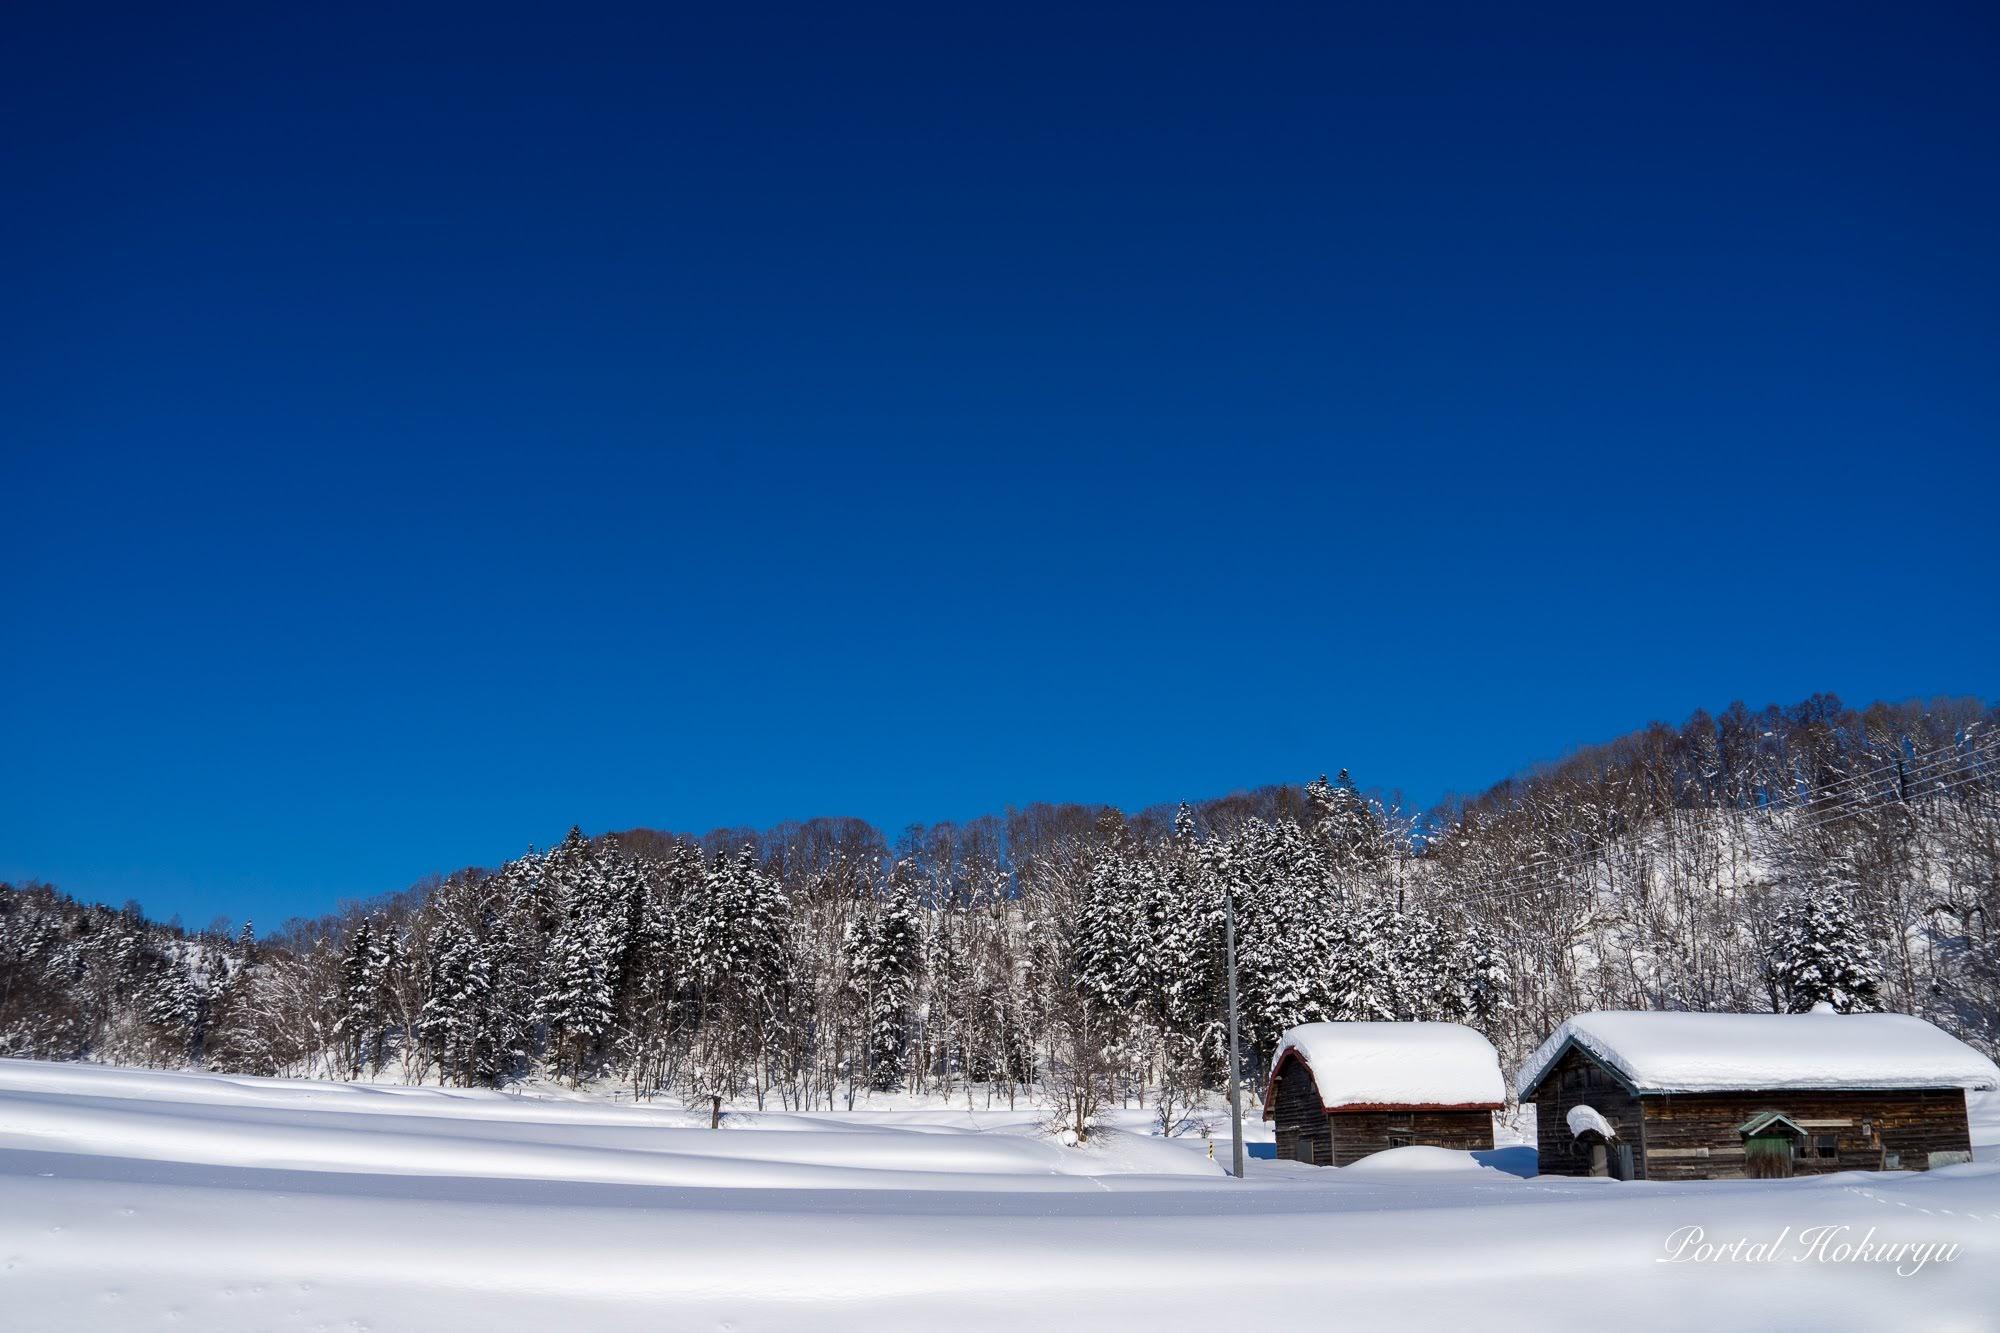 静寂なる雪景色